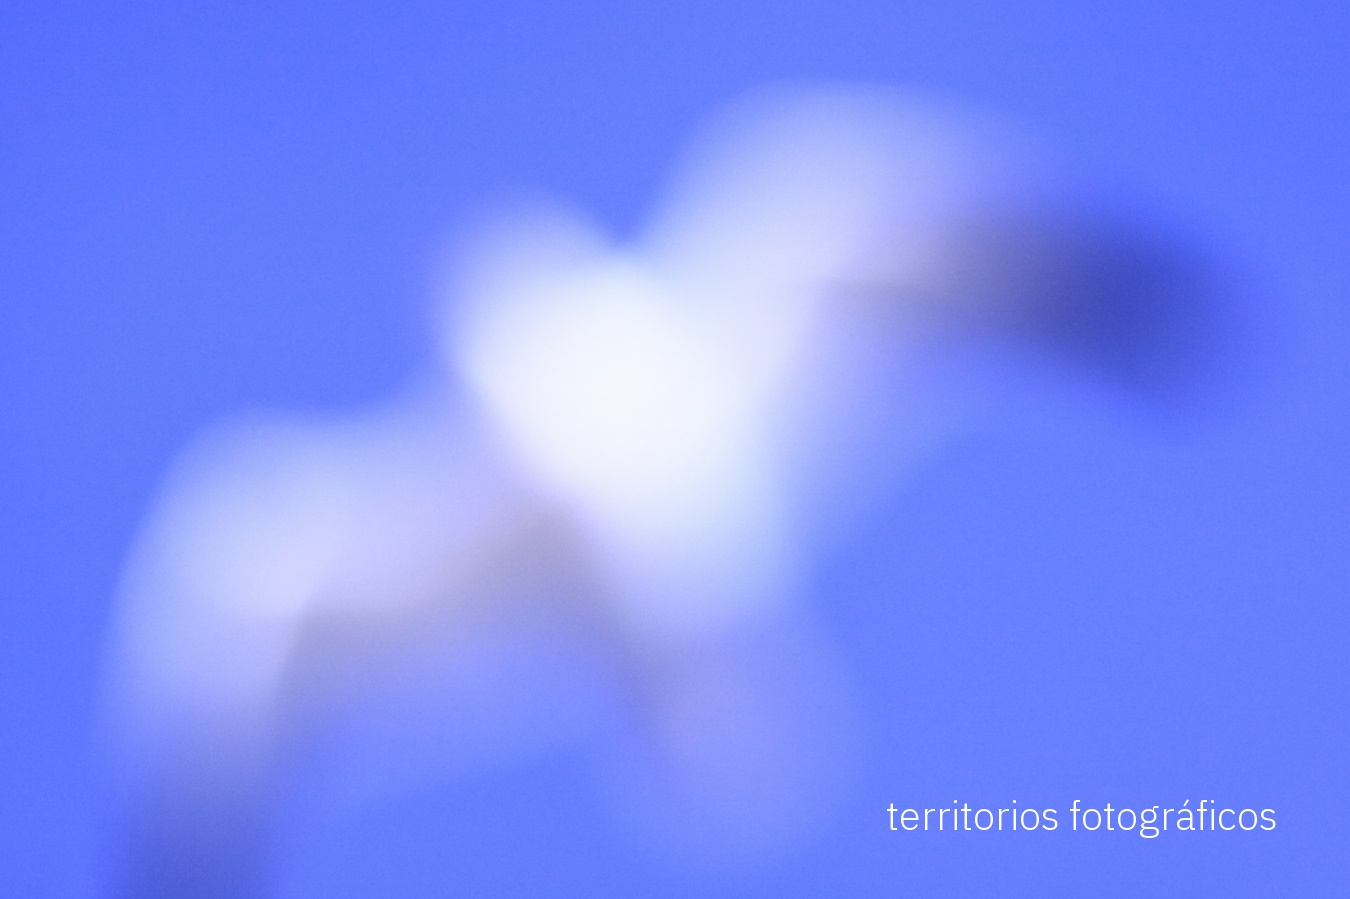 dreams - territorios fotográficos